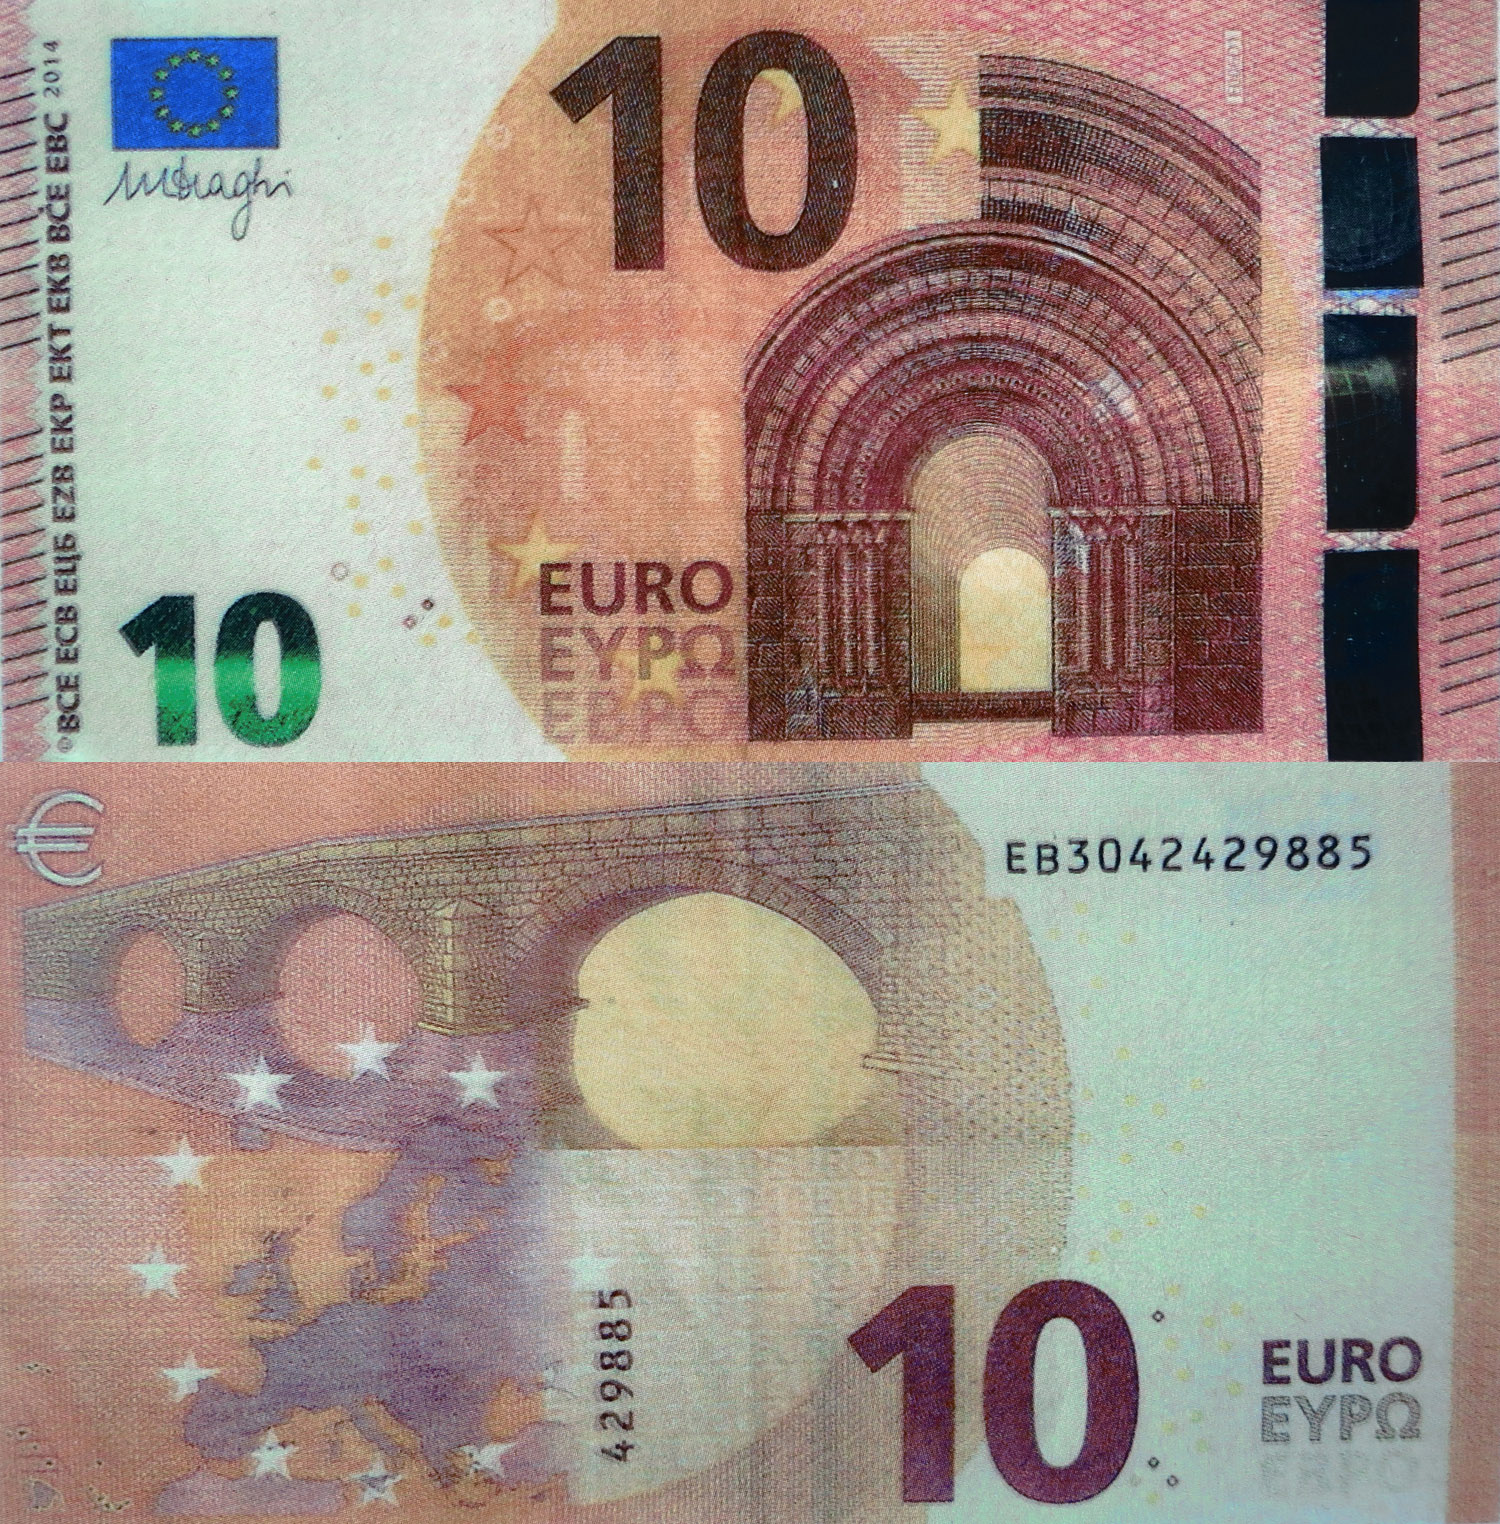 Falsche Geldscheine